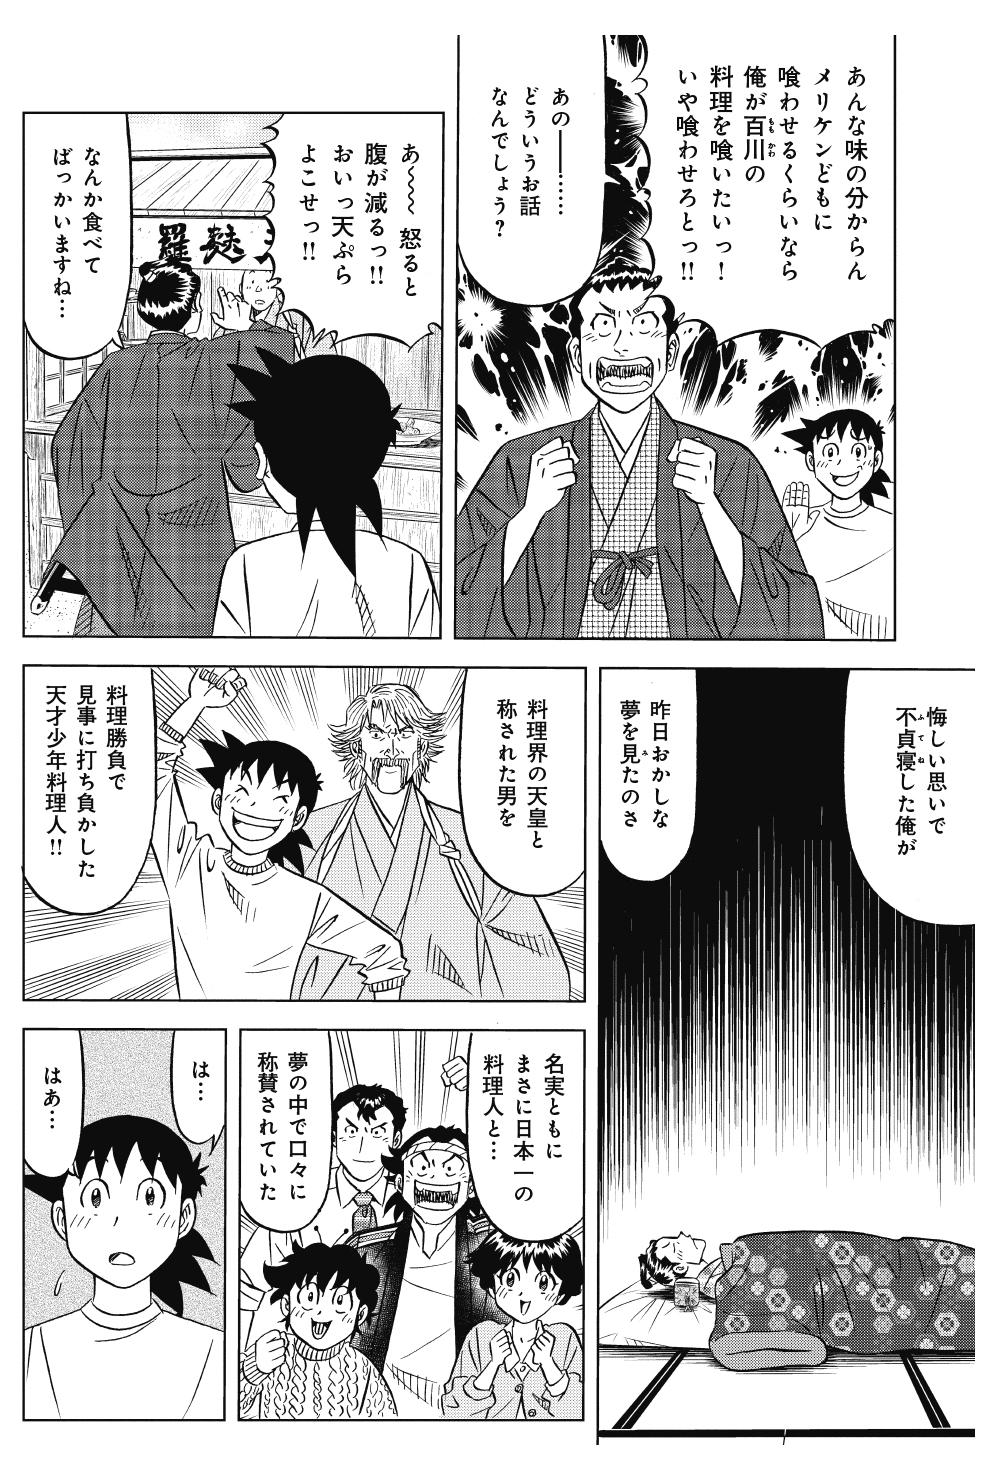 ミスター味っ子 幕末編 第1話「黒船来航」②ajikko13.jpg